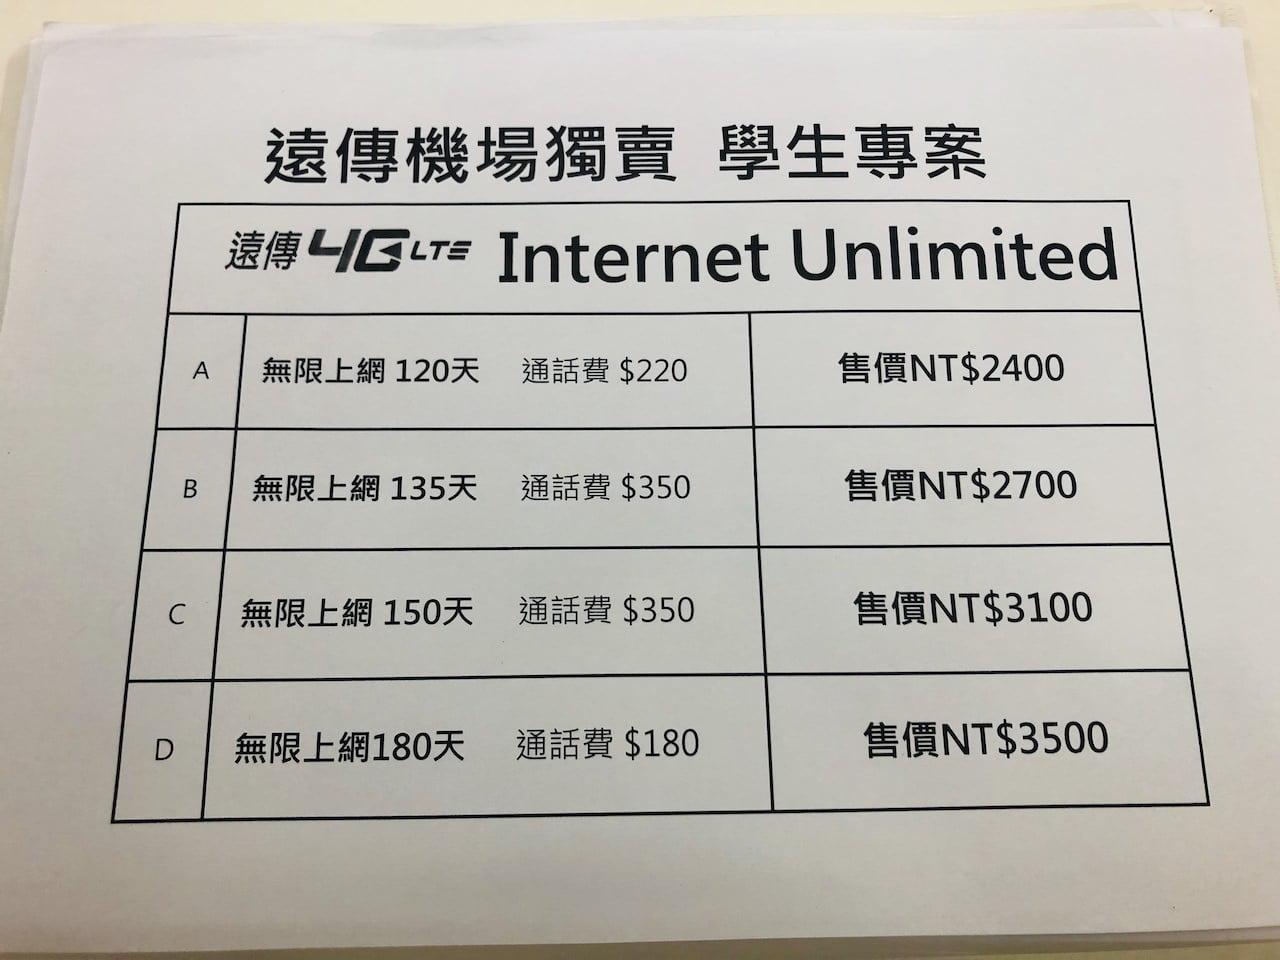 Taiwan airpor prepaids sim 0010